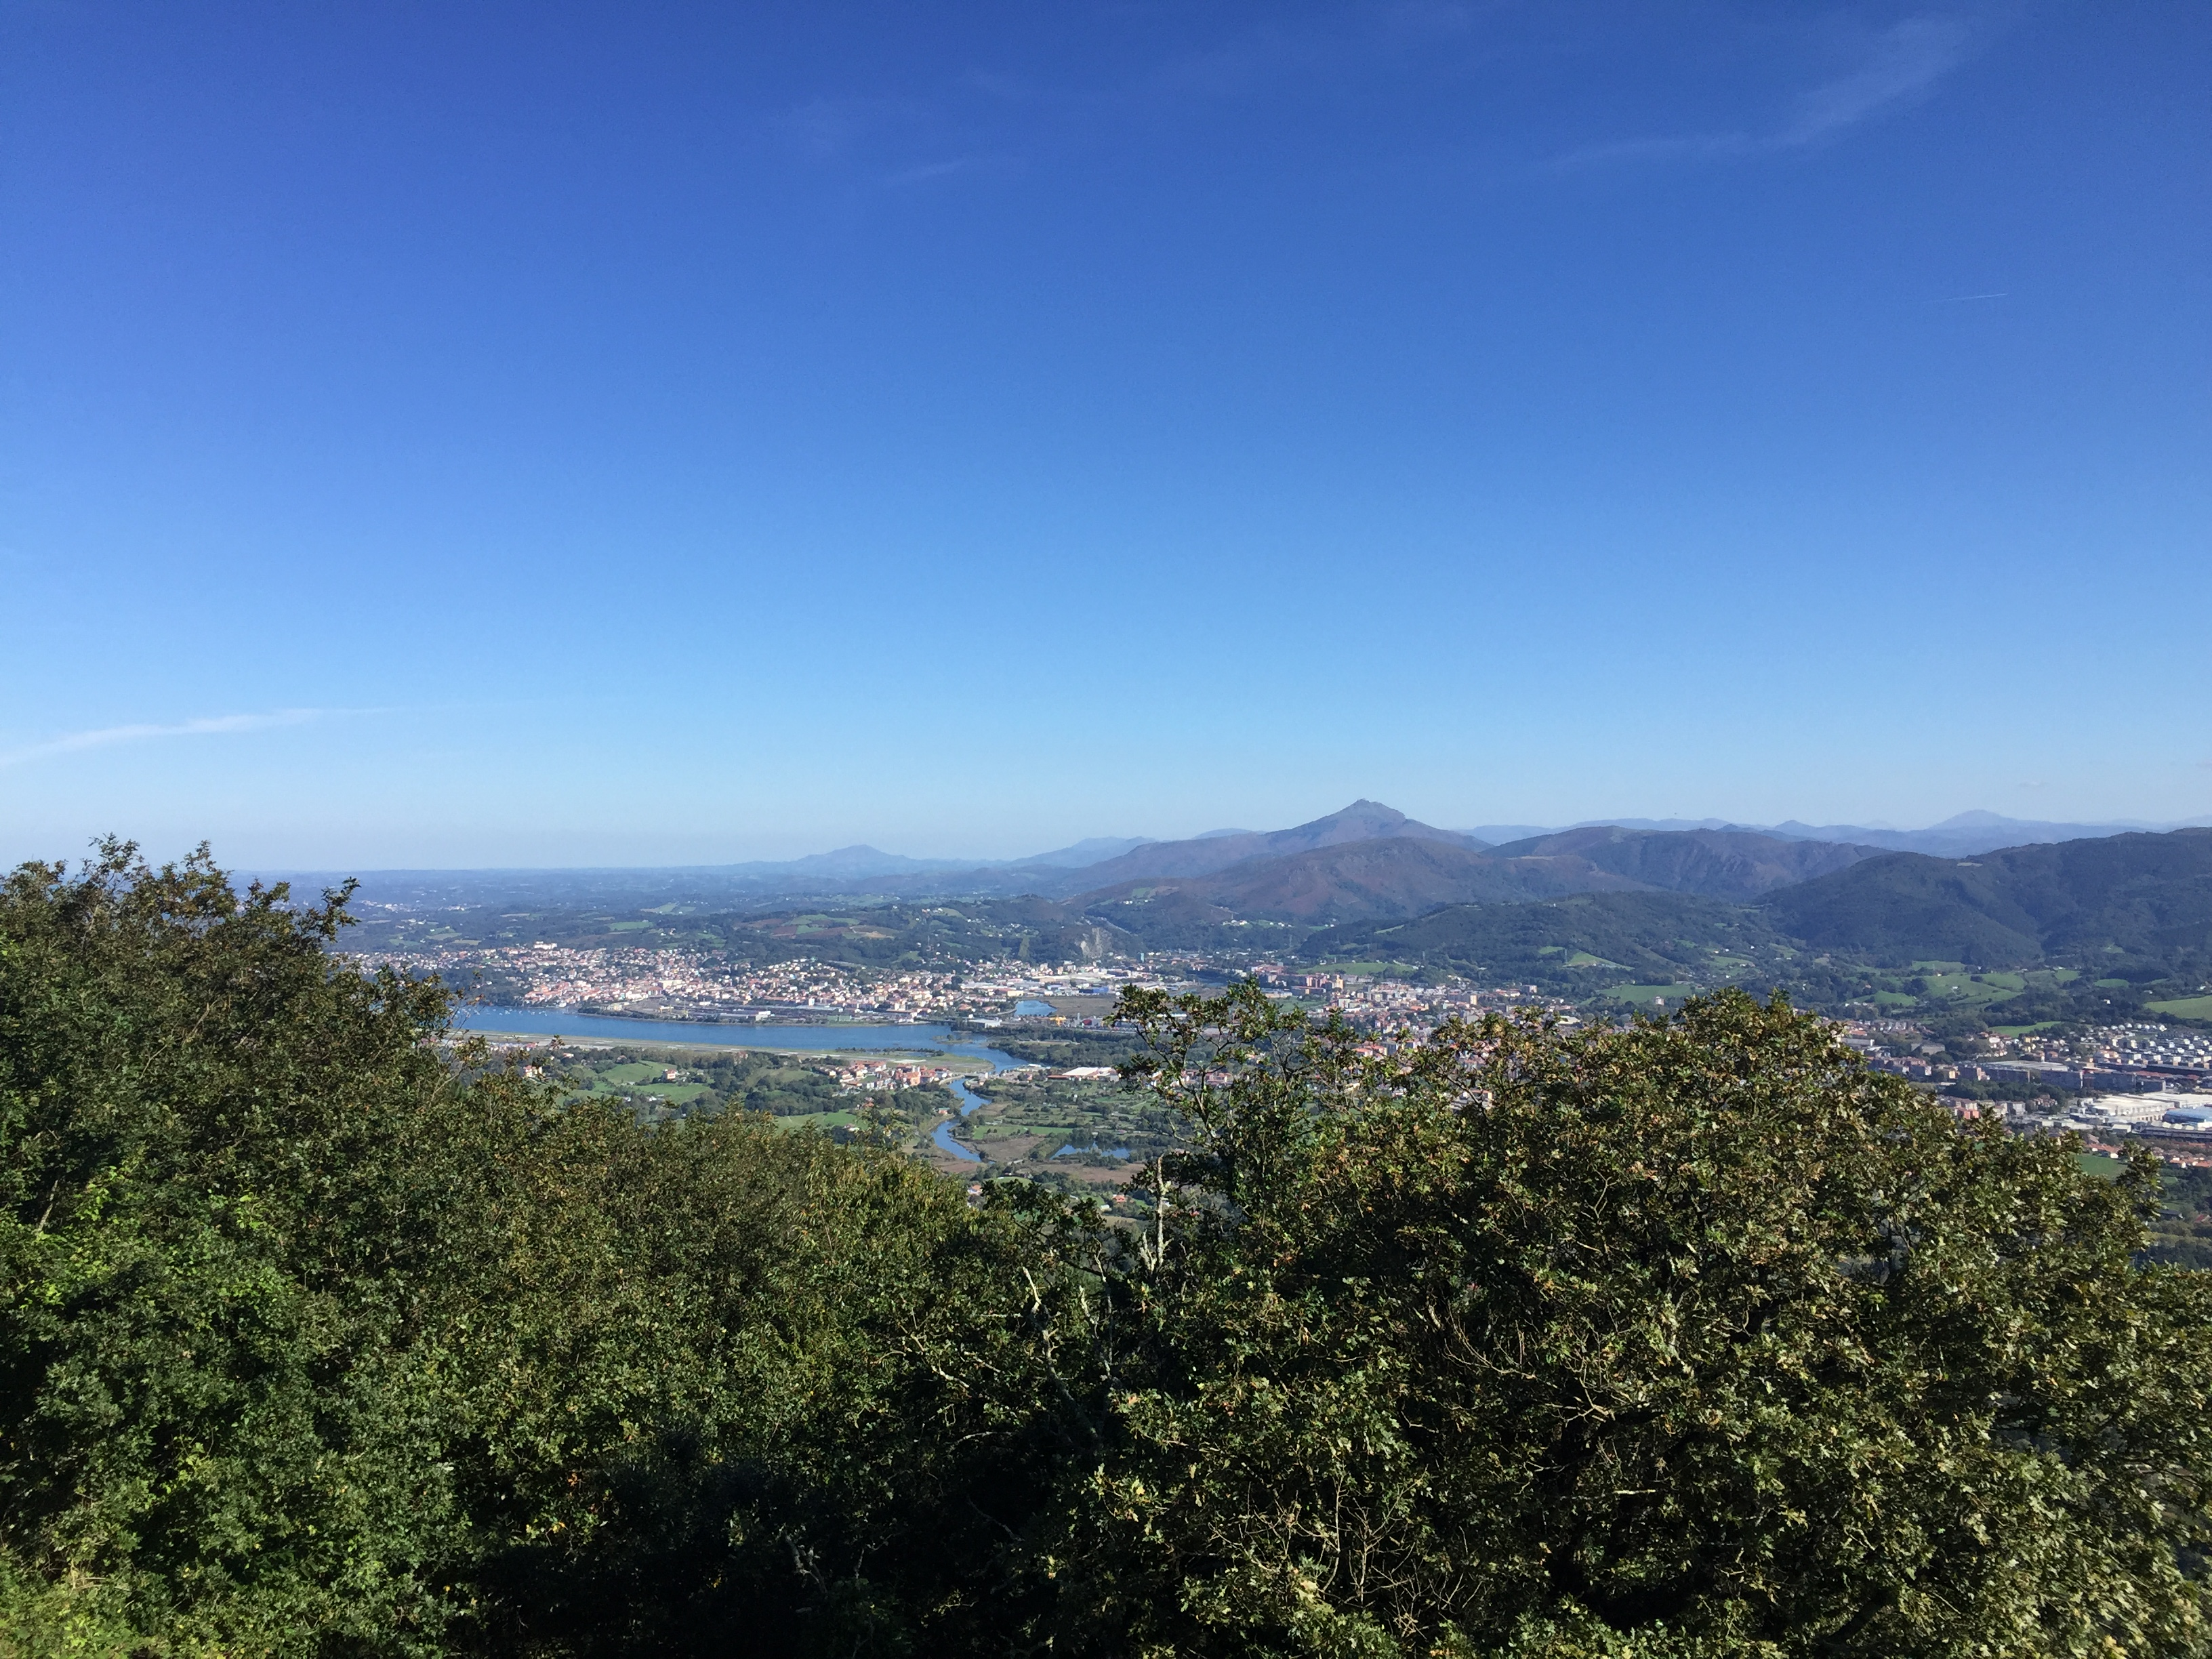 Vista de Fuenterrabia desde el monte Jaizkibel